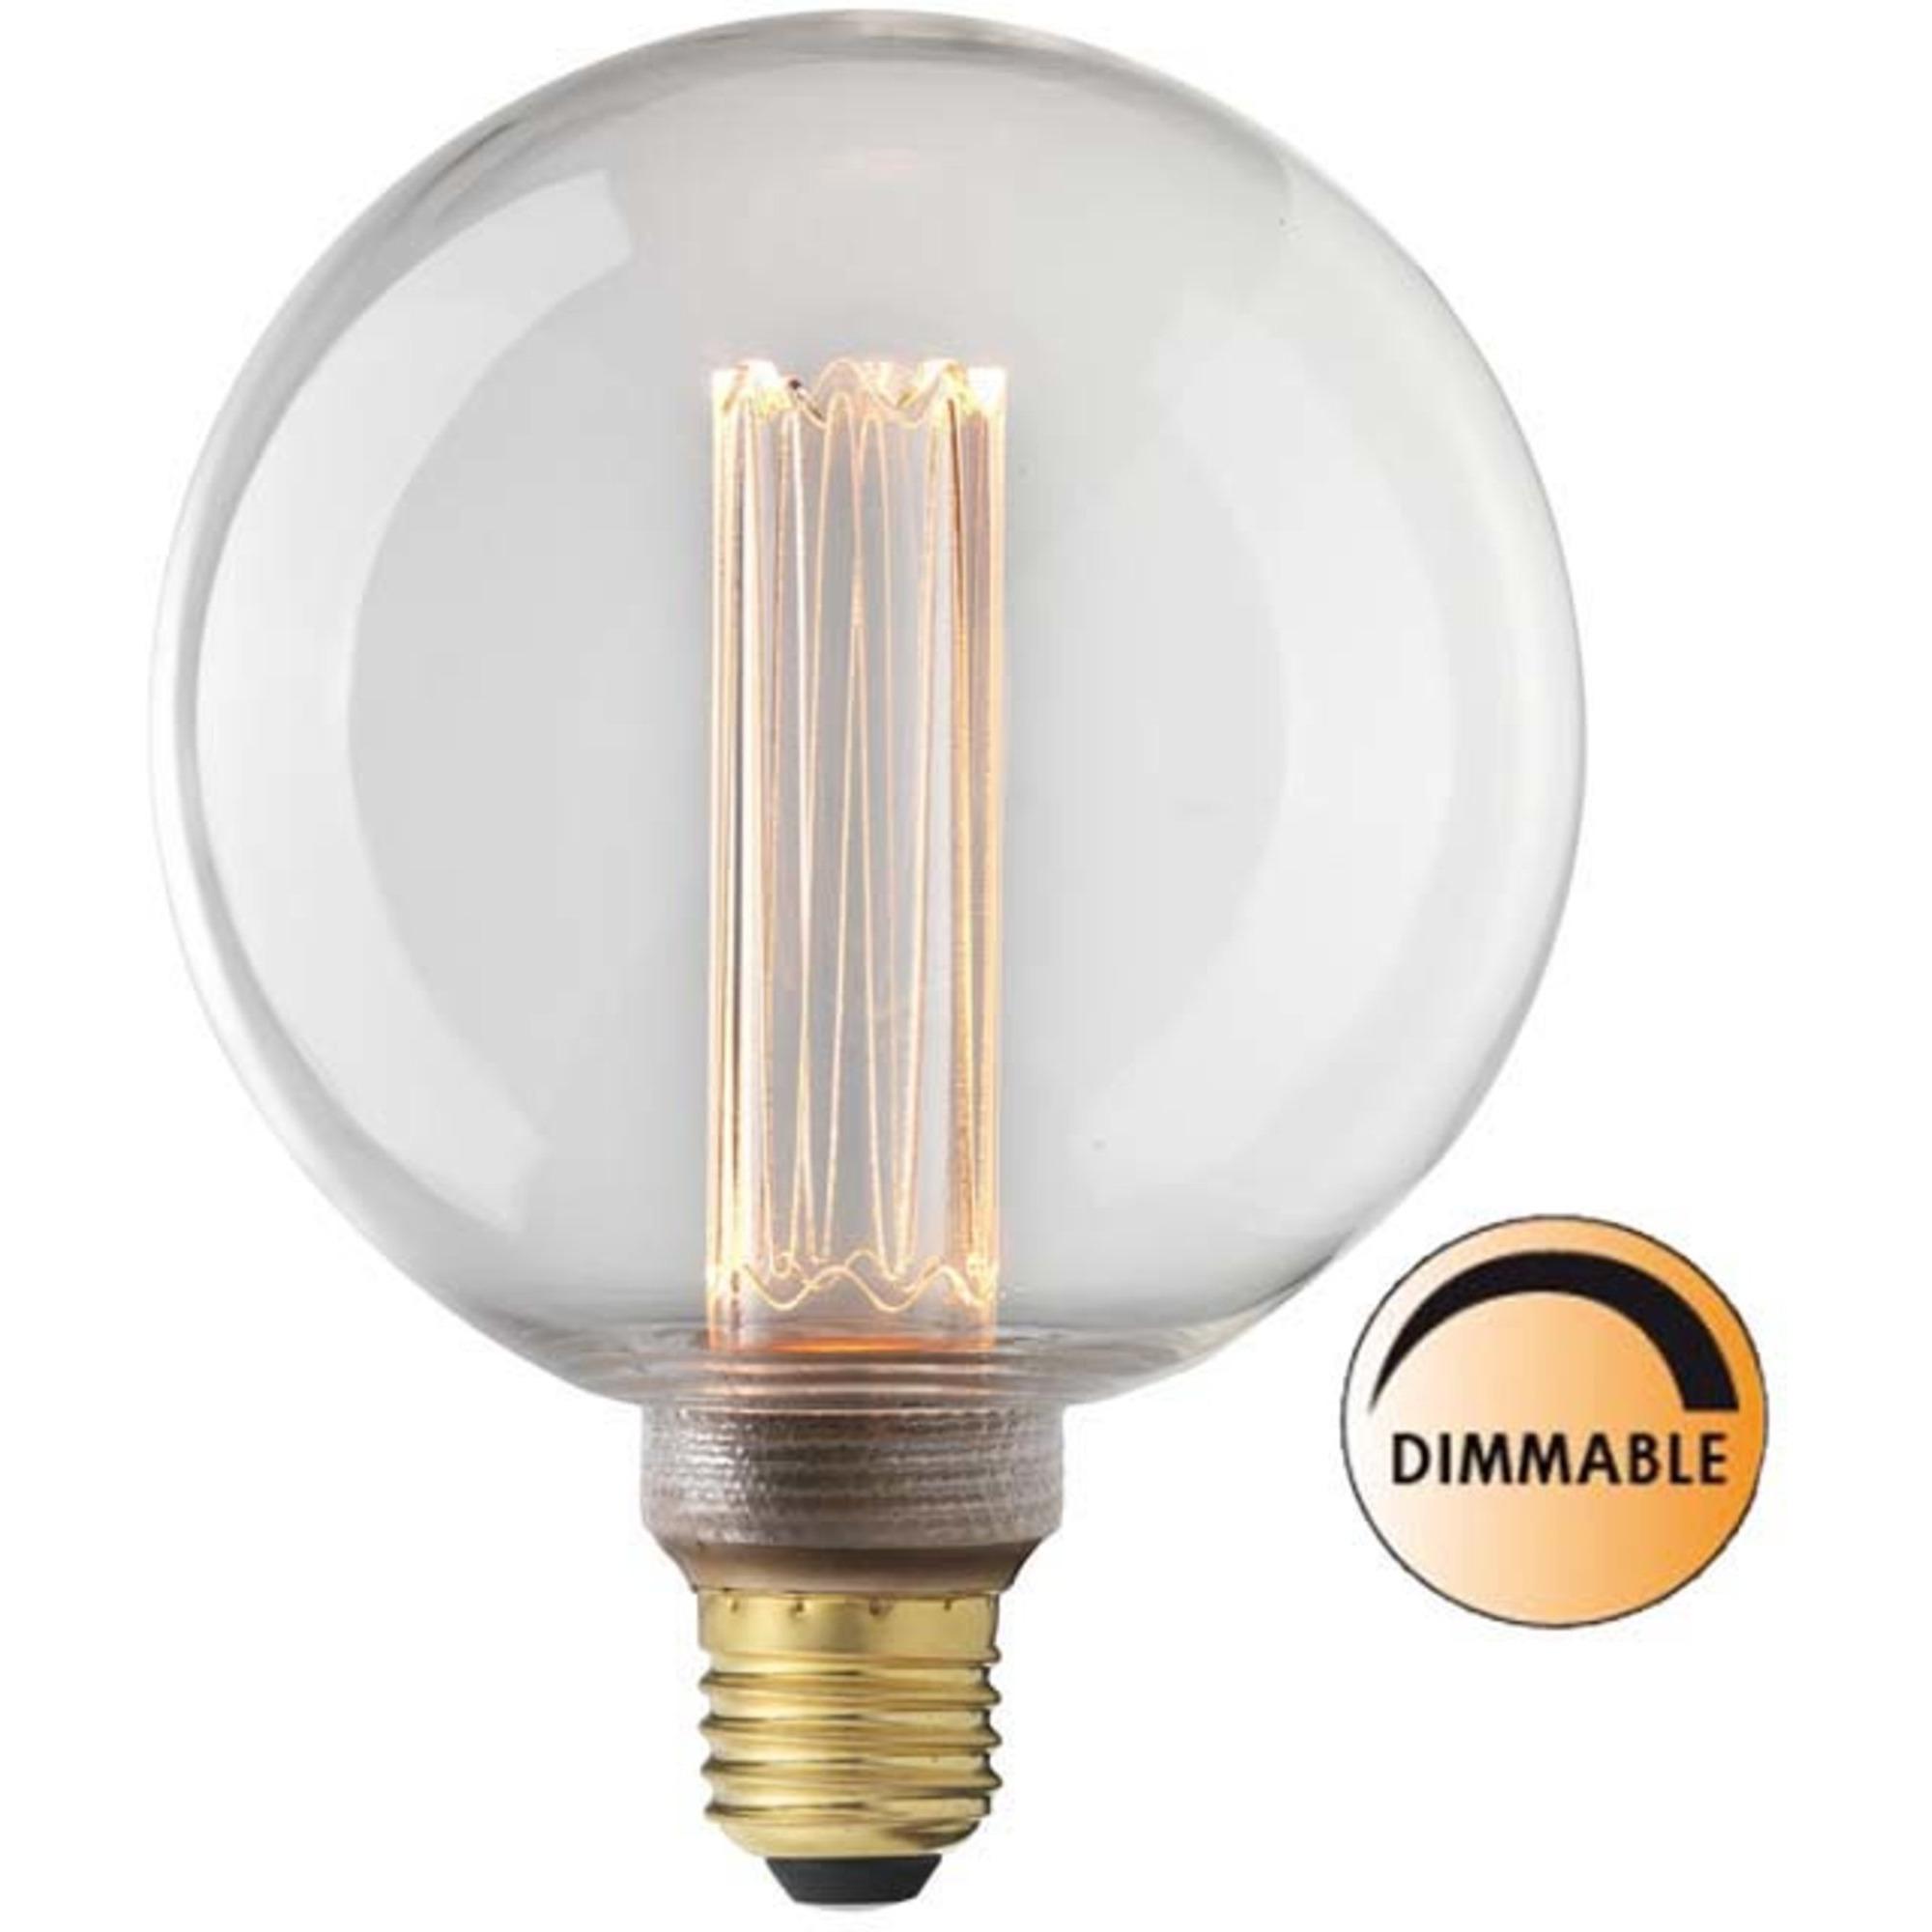 Globen Lighting Ljuskälla Laser LED Filament DimbaKlar 125 mm E27